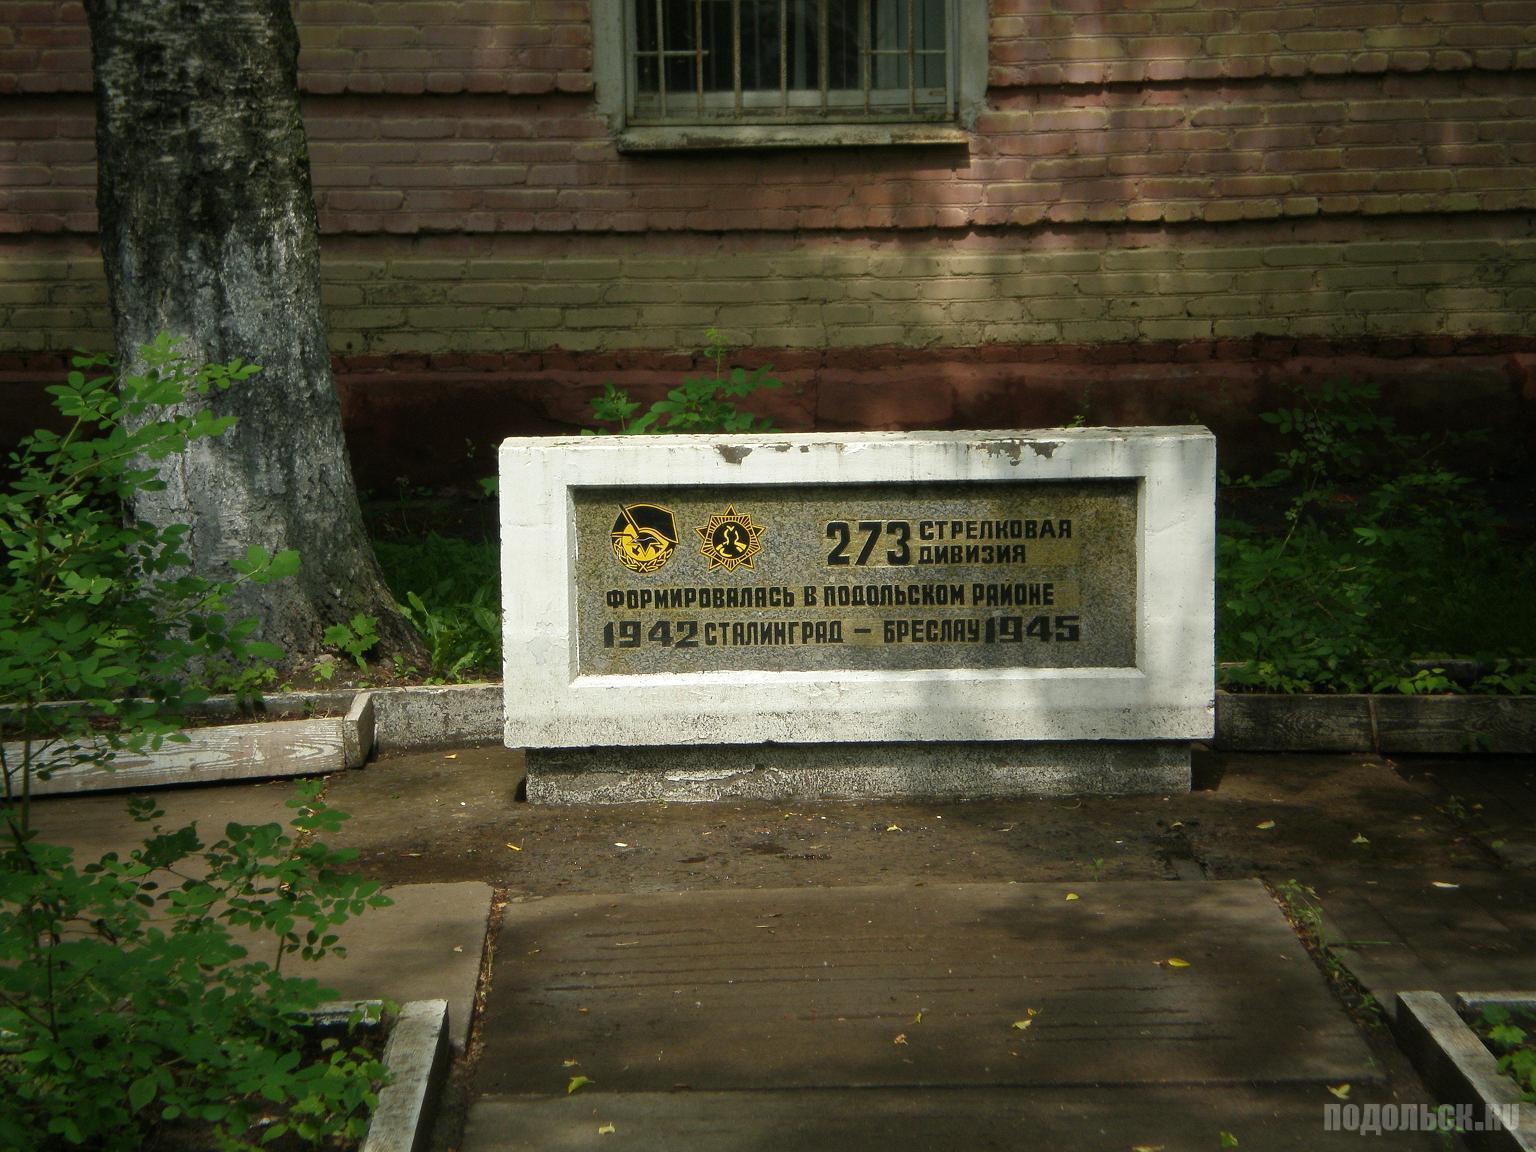 Памятный камень о формировании 273 стрелковой дивизии в Подольском районе. Климовск, Заводская, 4б. 6 июня 2012 г.